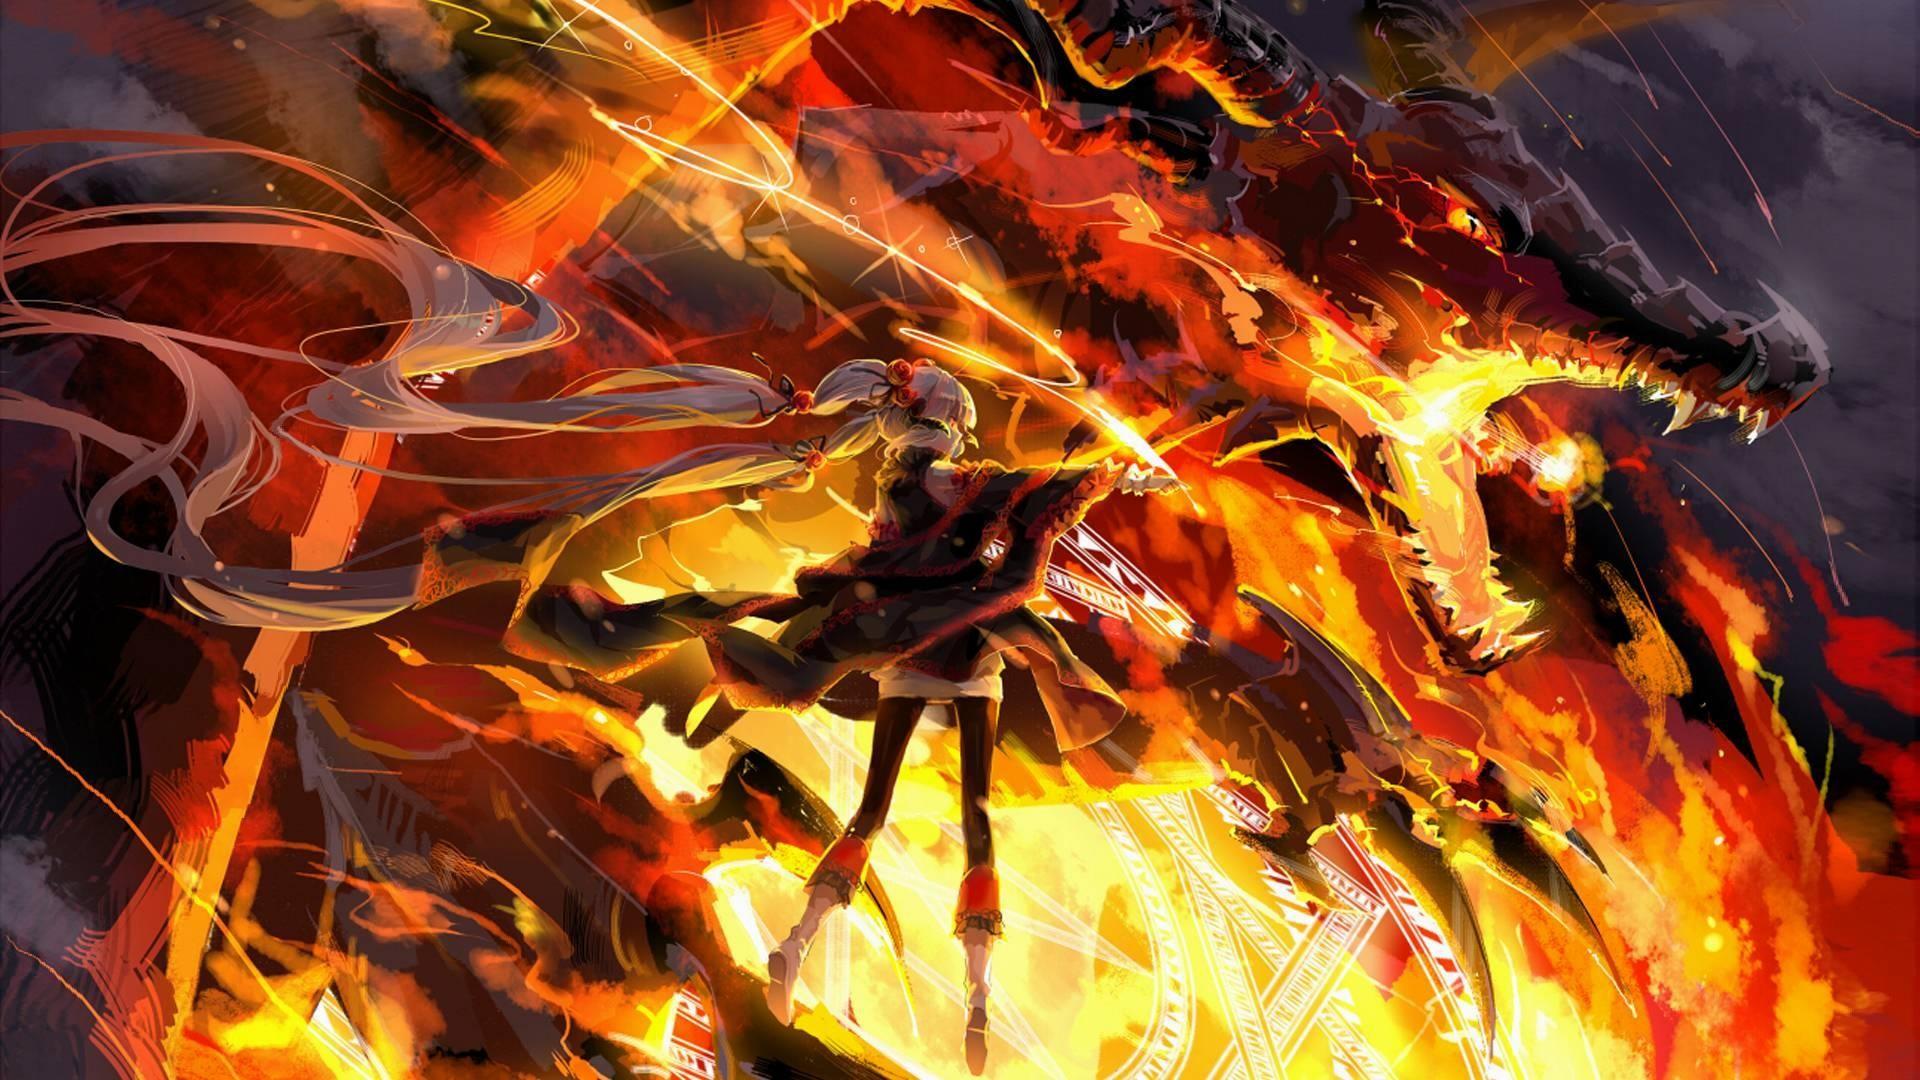 wallpaper.wiki-Desktop-Epic-Anime-HD-Photos-PIC-